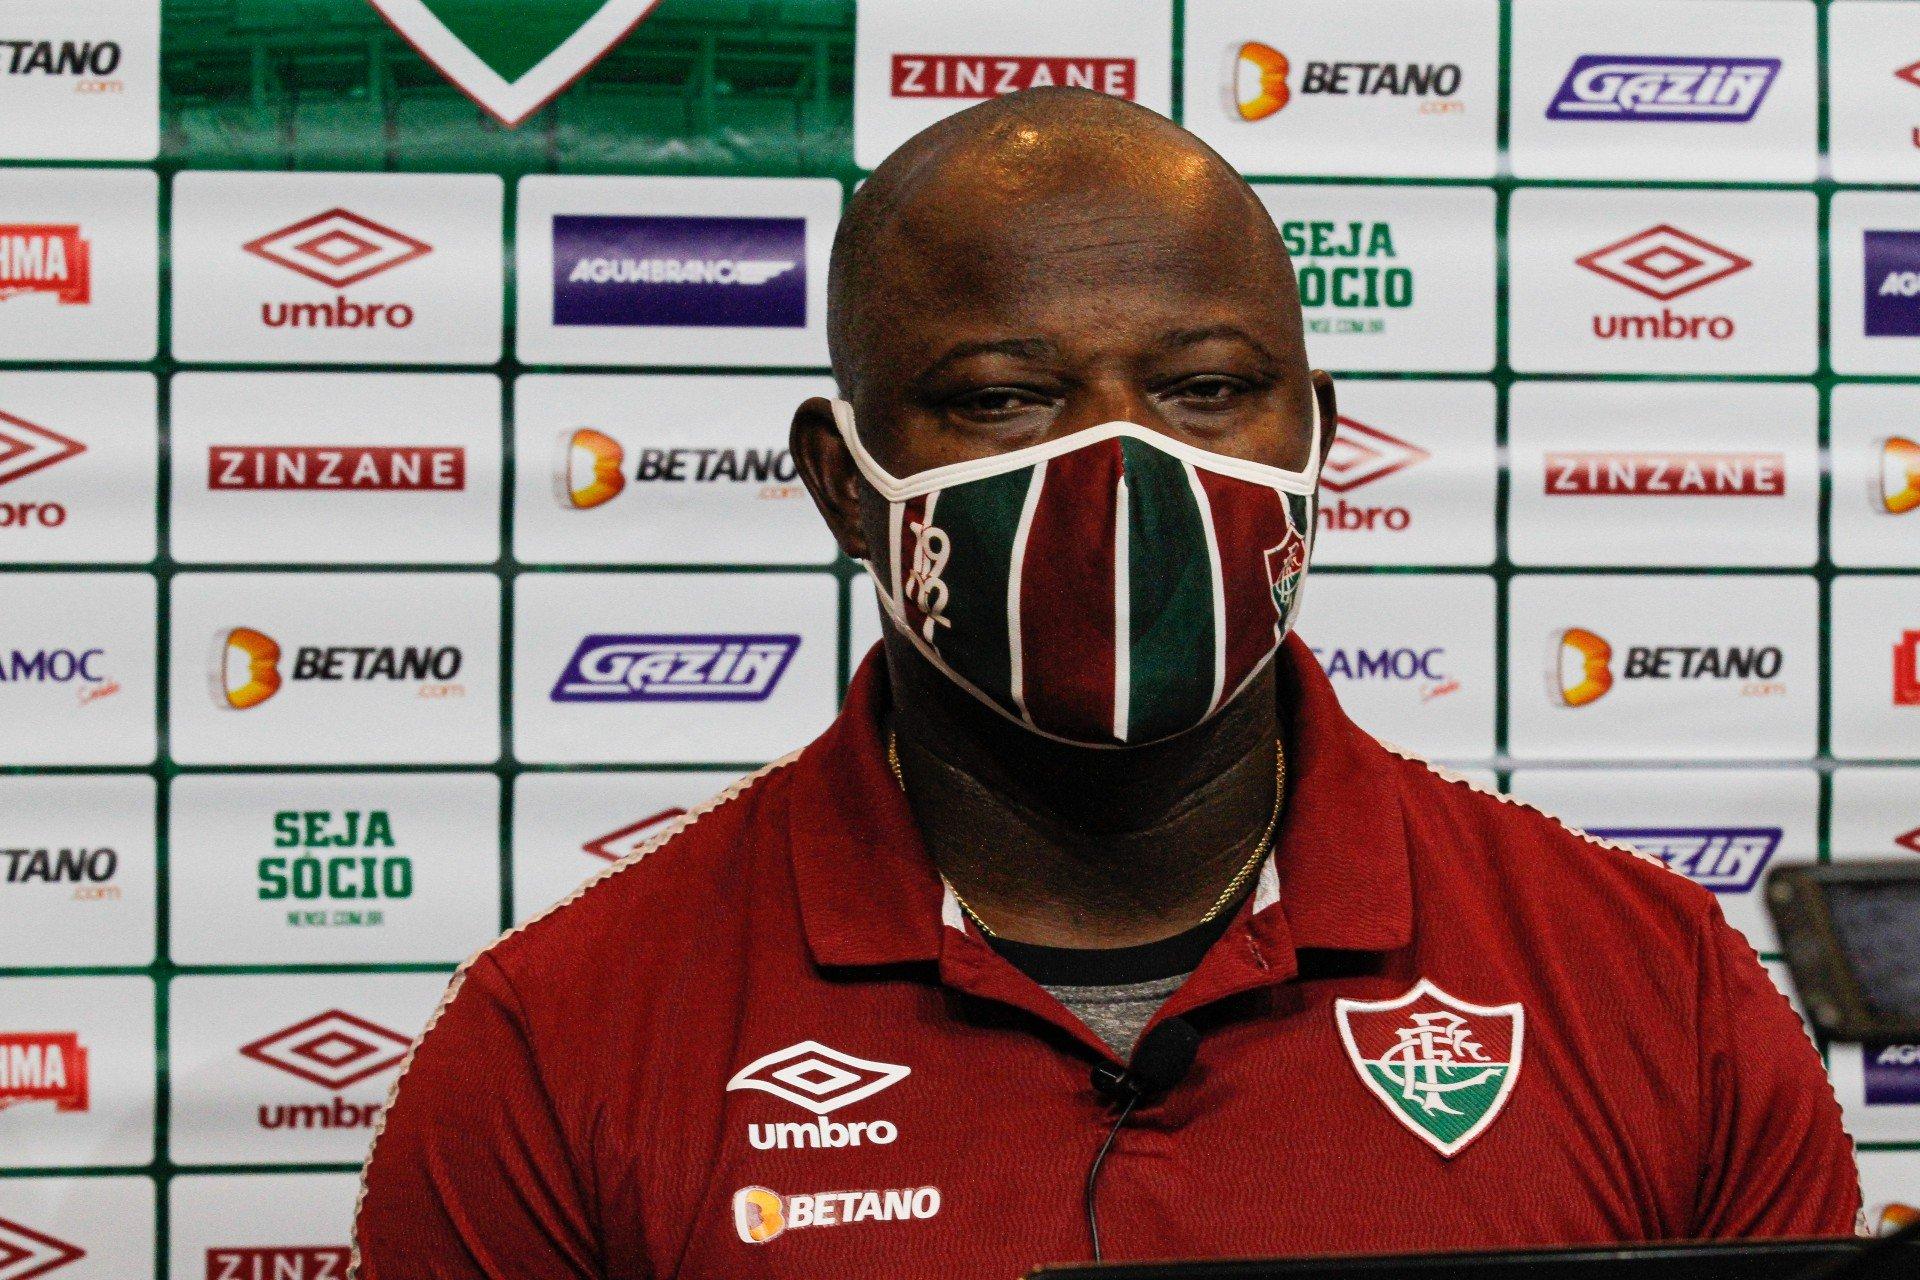 Fluminense confirma escalação para pegar o Cuiabá